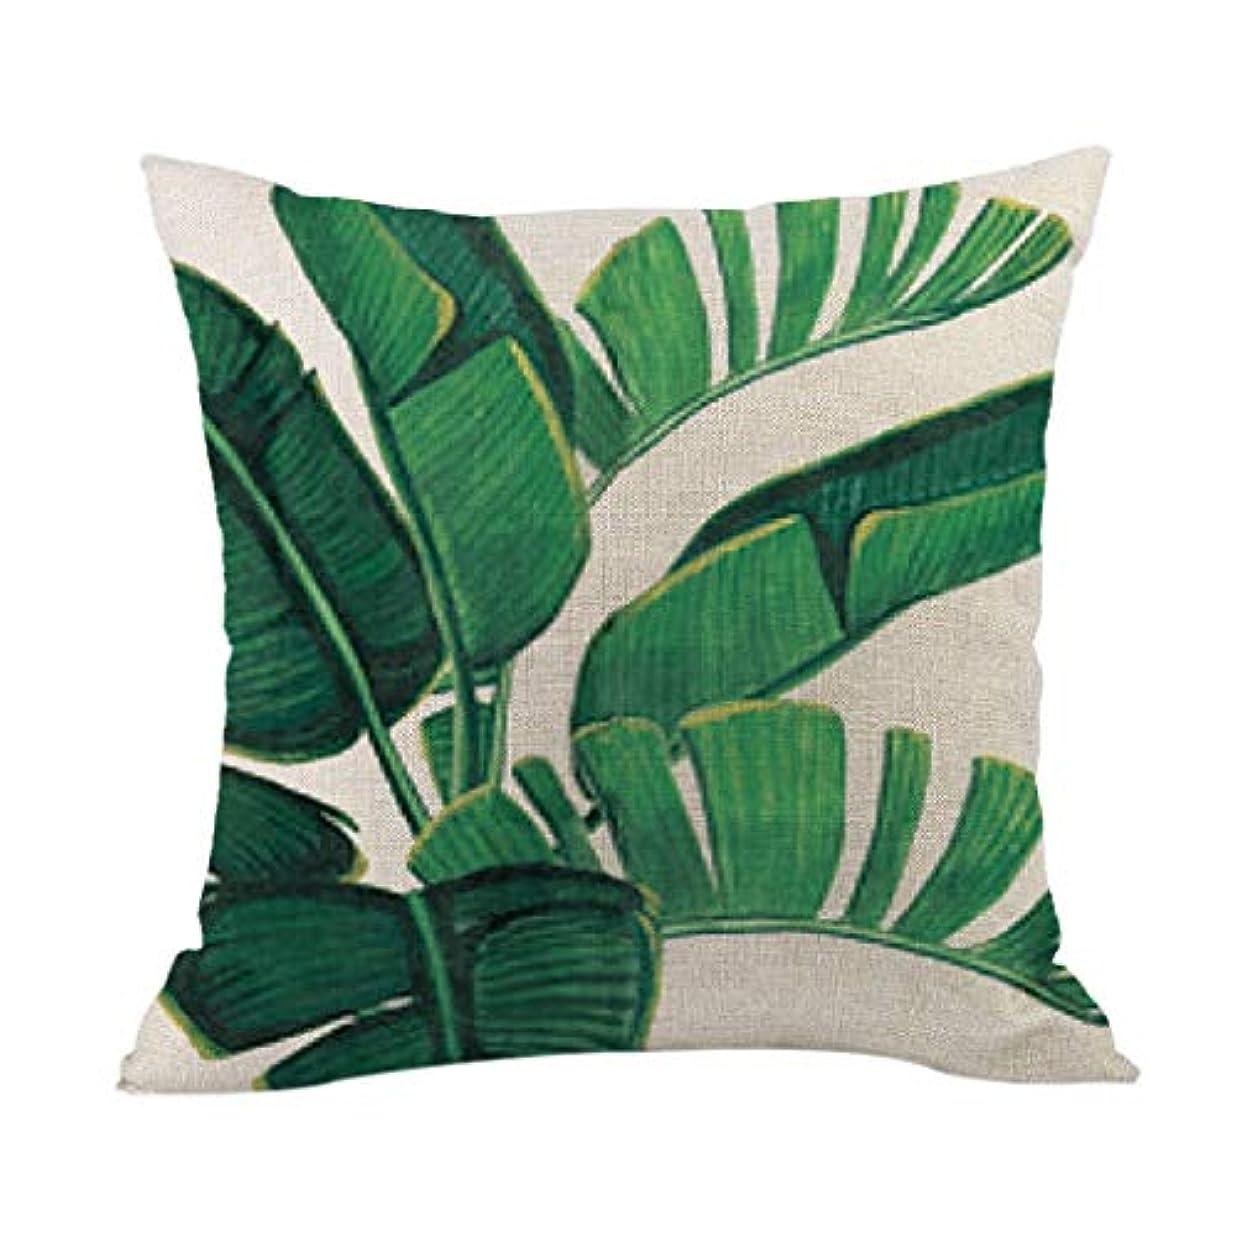 始まり血色の良い必要としているLIFE 高品質クッション熱帯植物ポリエステル枕ソファ投げるパッドセットホーム人格クッション coussin decoratif クッション 椅子